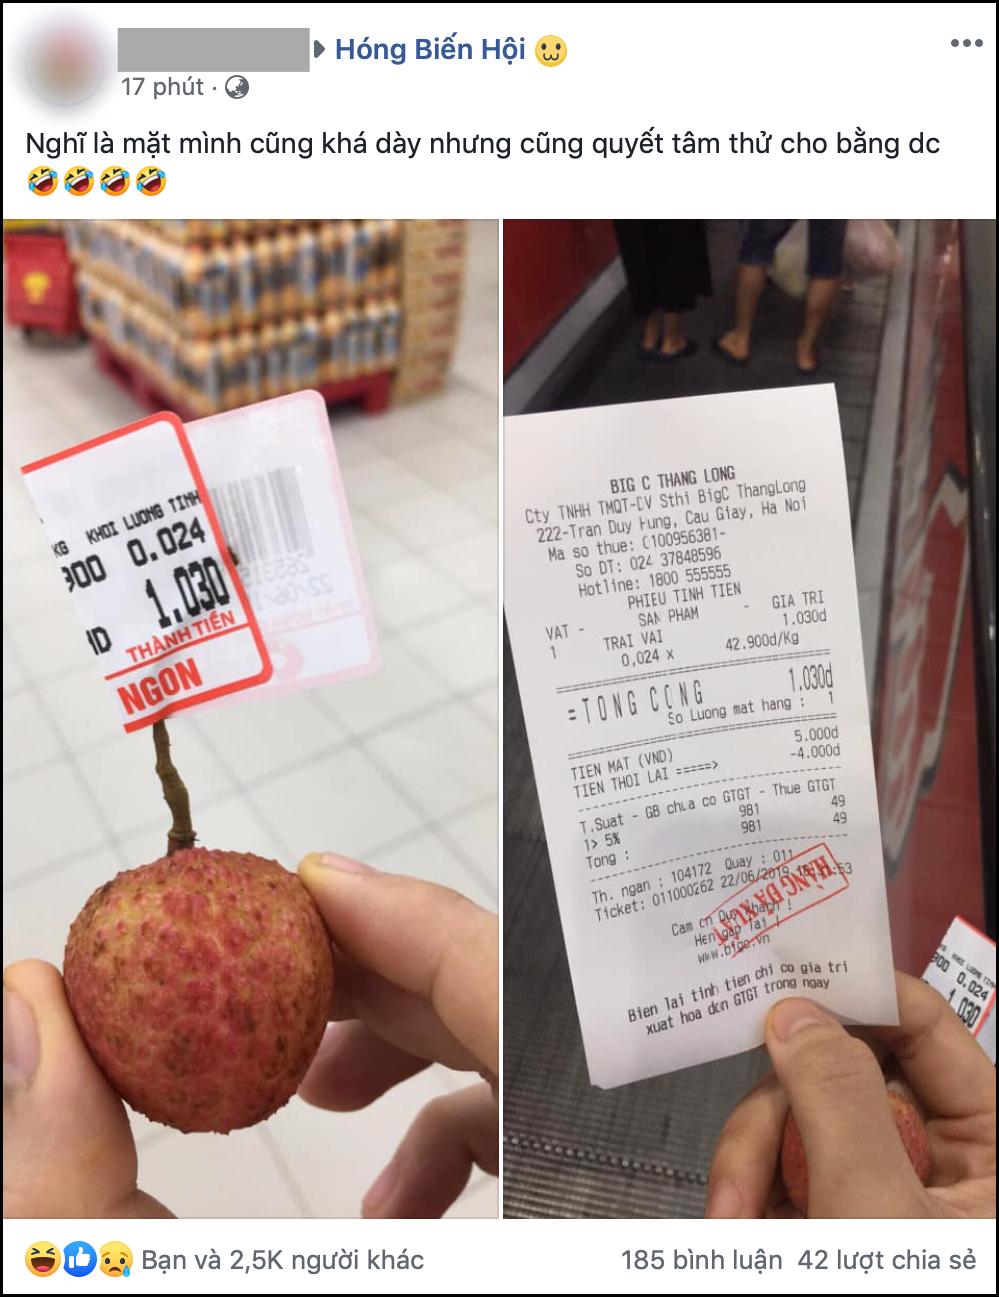 Nam thanh niên lầy lội vào siêu thị chỉ mua 1 quả vải, thanh toán 1.030 đồng làm dân mạng cười ra nước mắt - Ảnh 1.